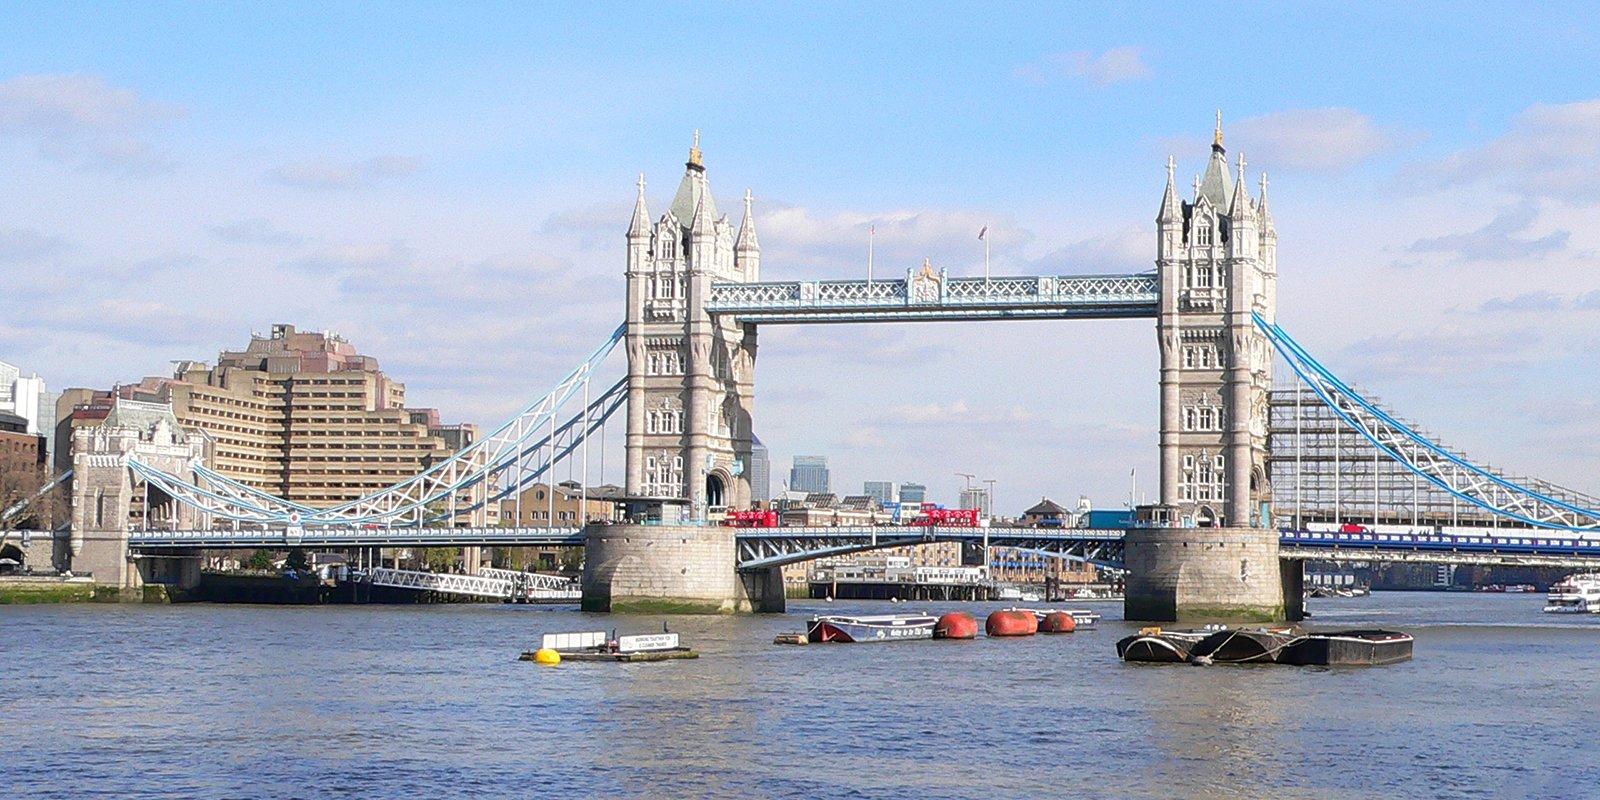 Работы Кукрыниксов и прогулки по Лондону: какие лекции нельзя пропустить в эти выходные